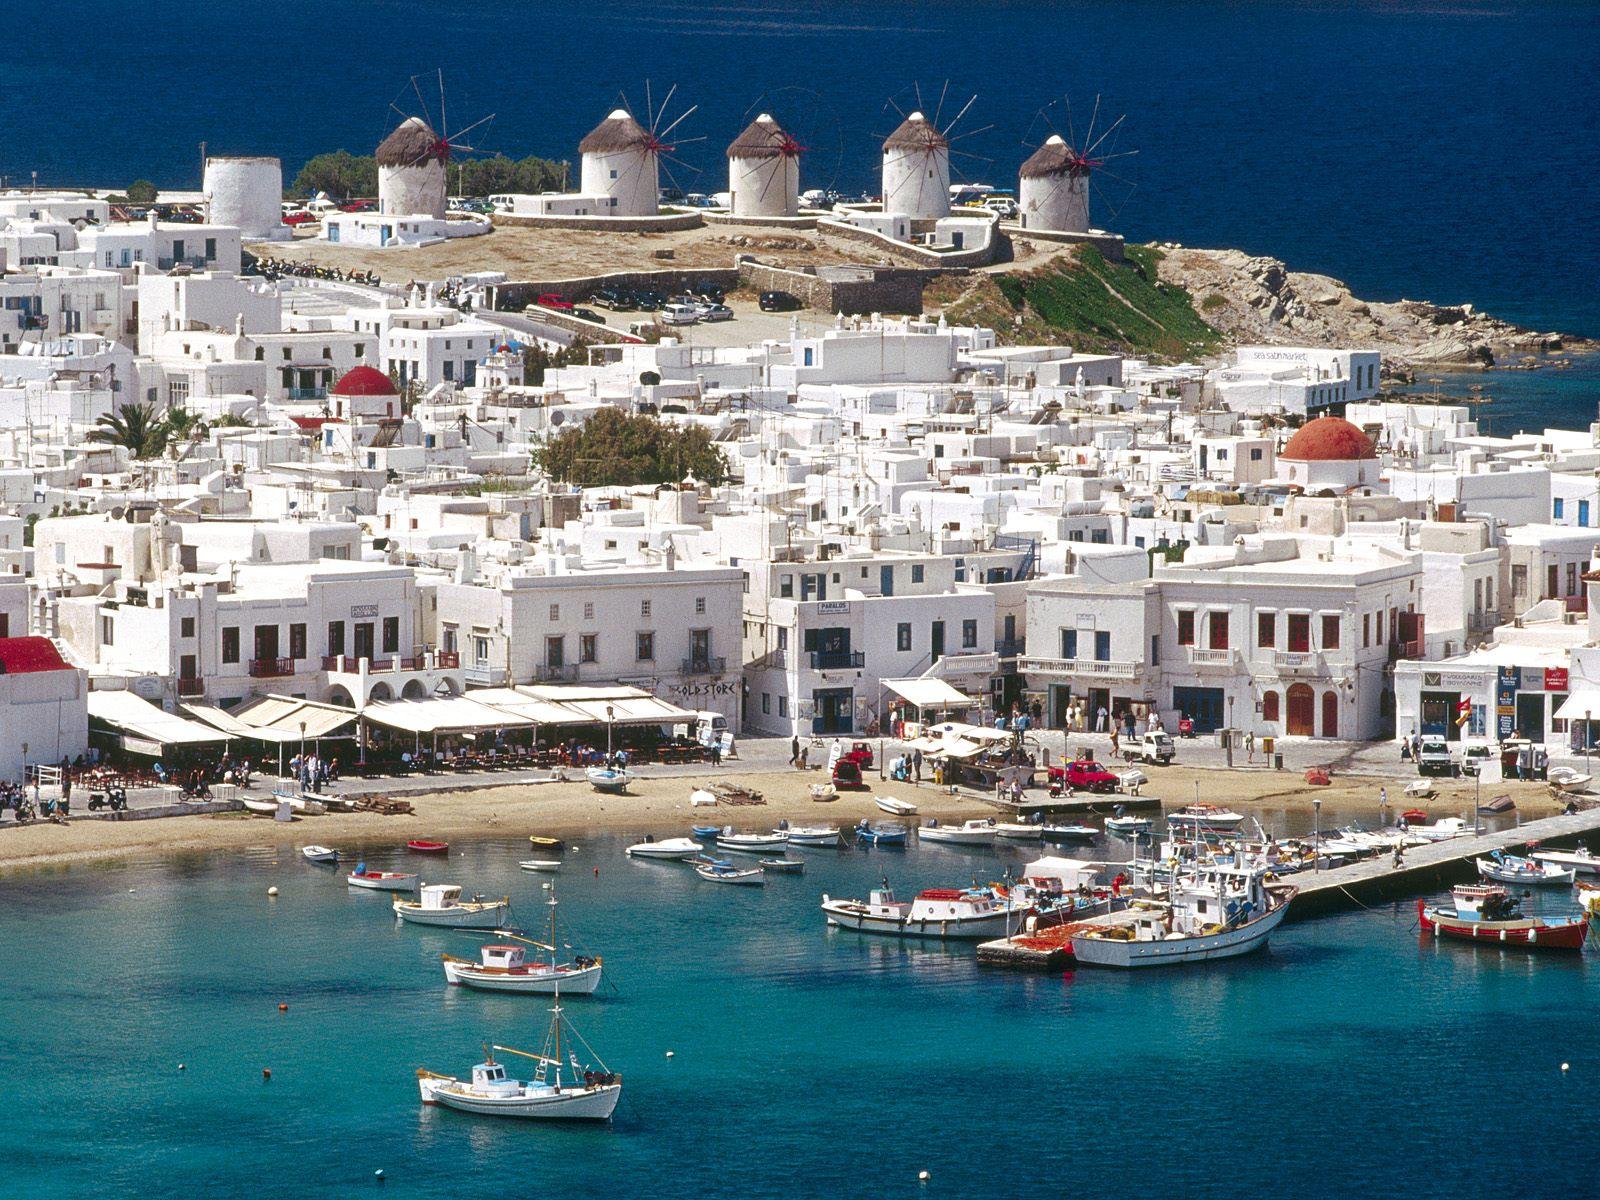 Celebrities Choose Mykonos As One Of Their Favorite